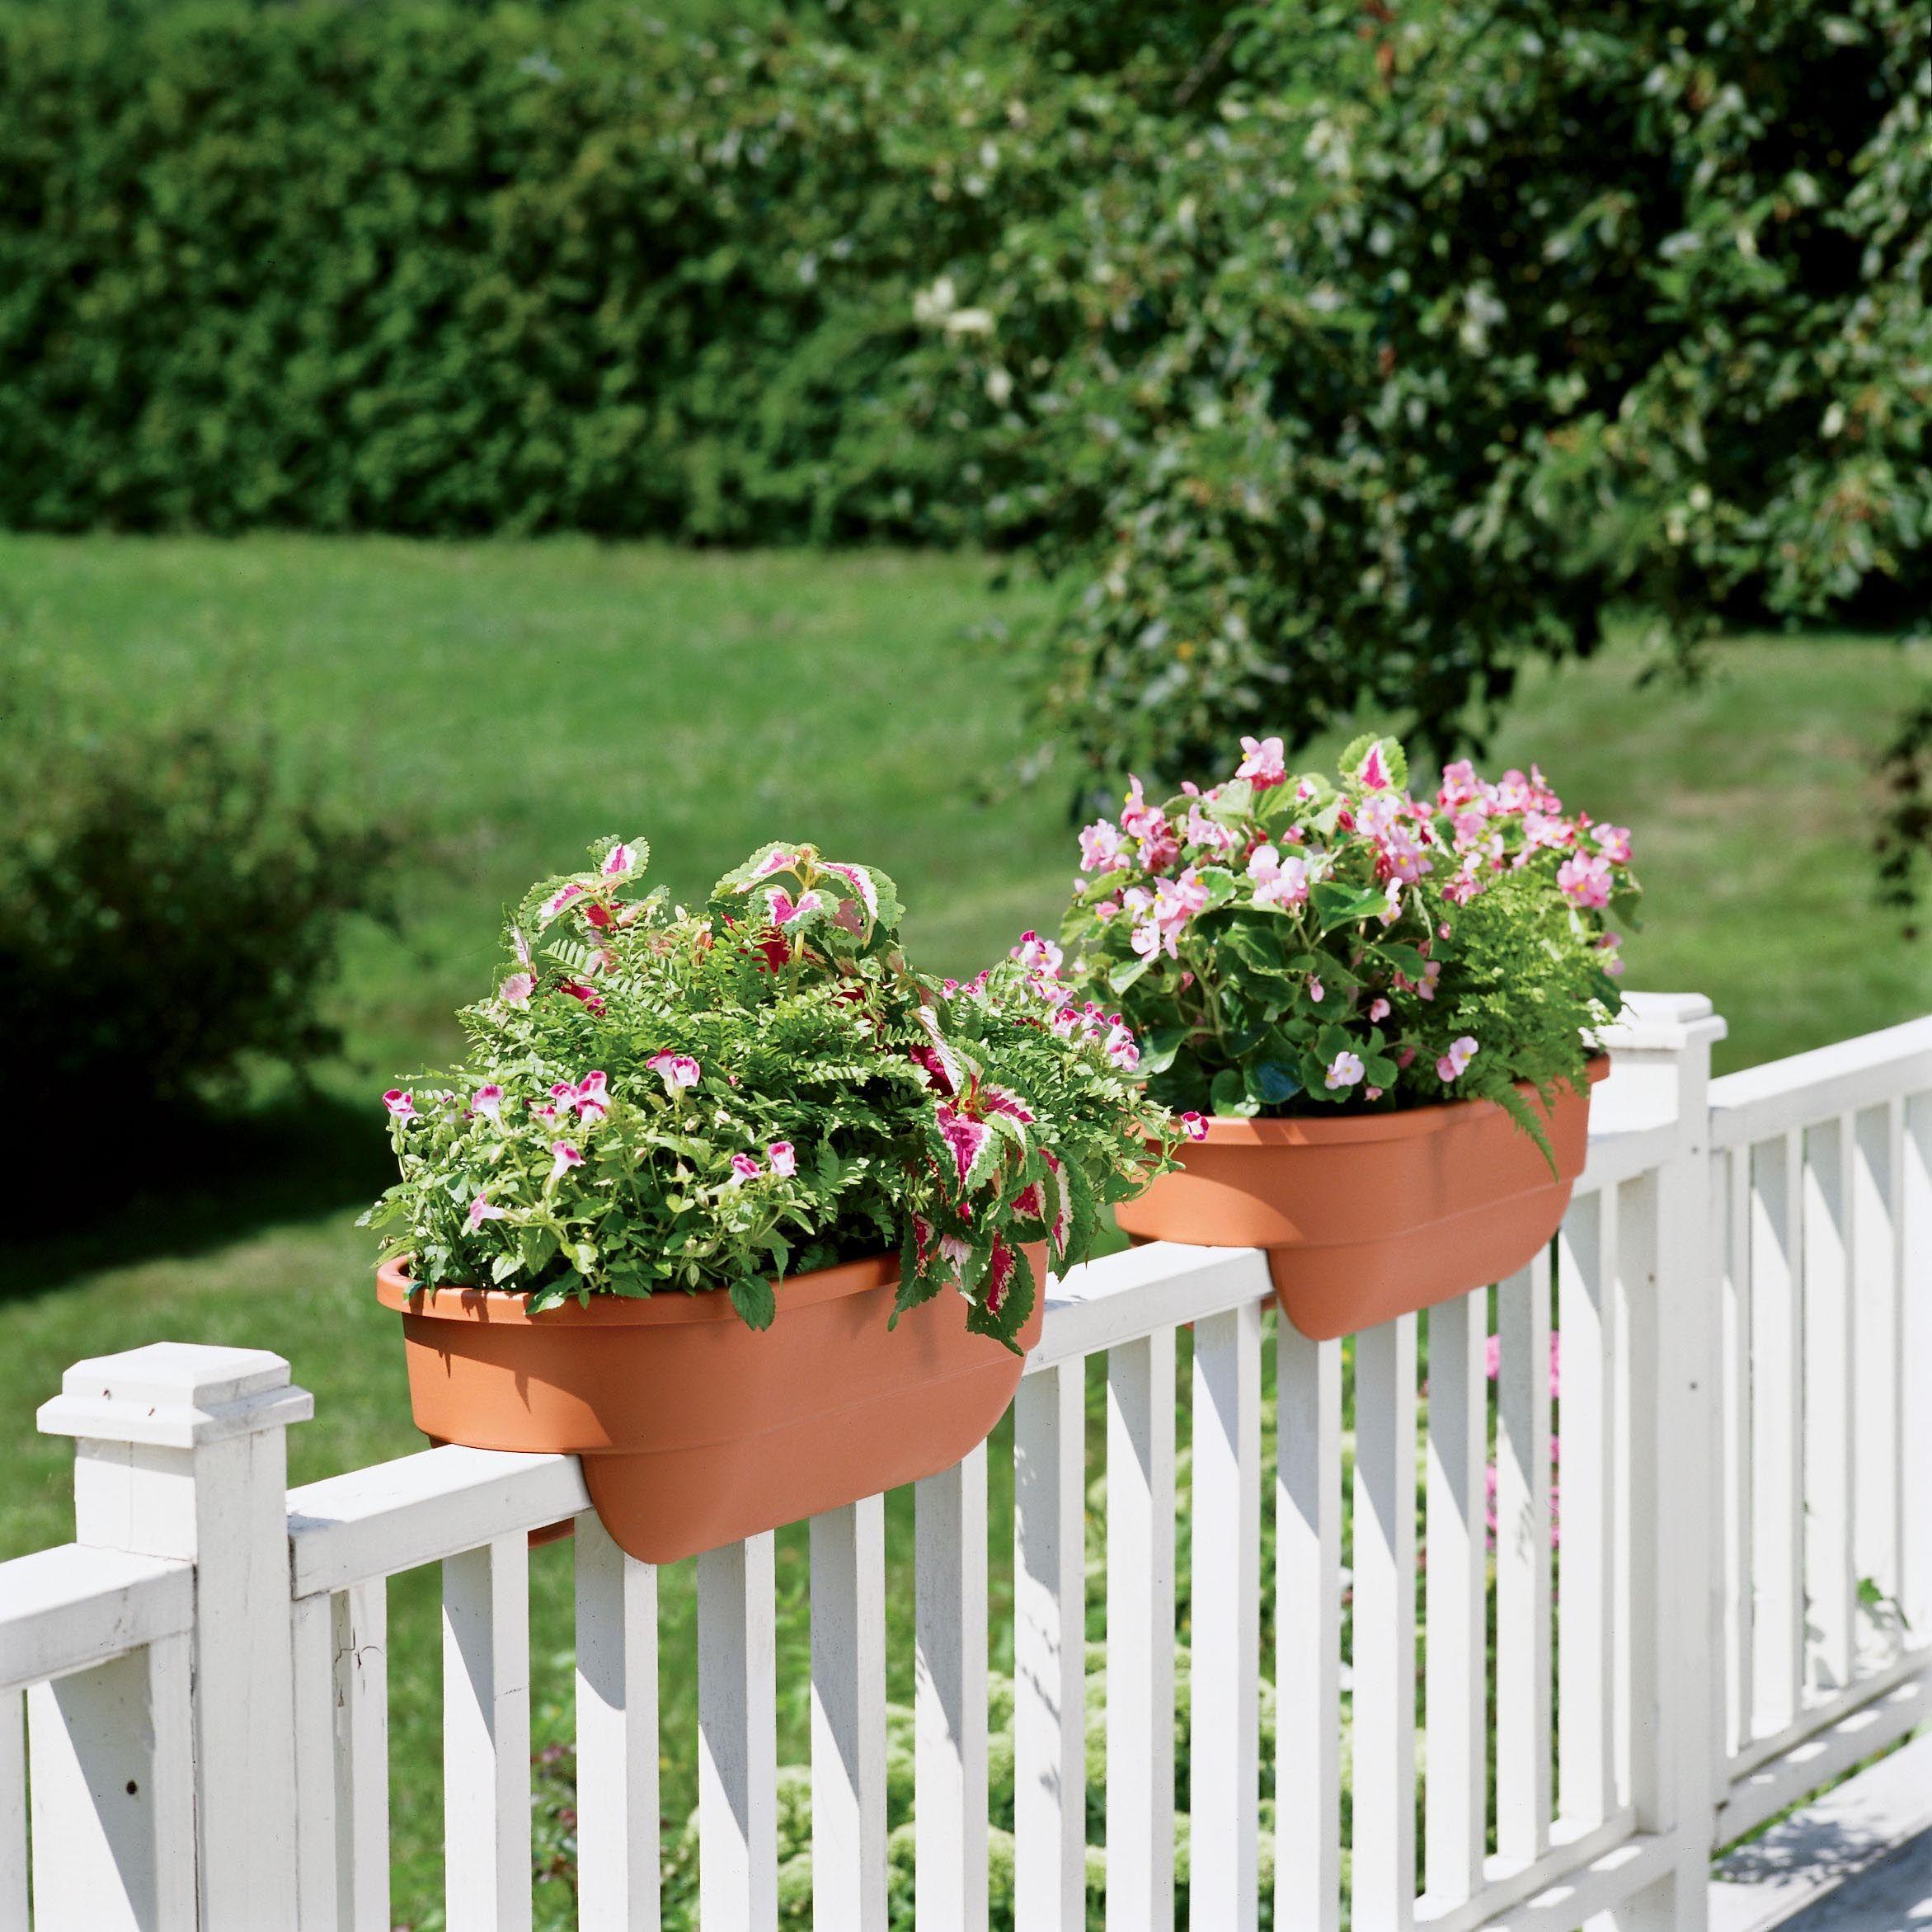 Wooden Deck Rail Planter Boxes Garden Ideas Railing Planters throughout dimensions 2343 X 2343